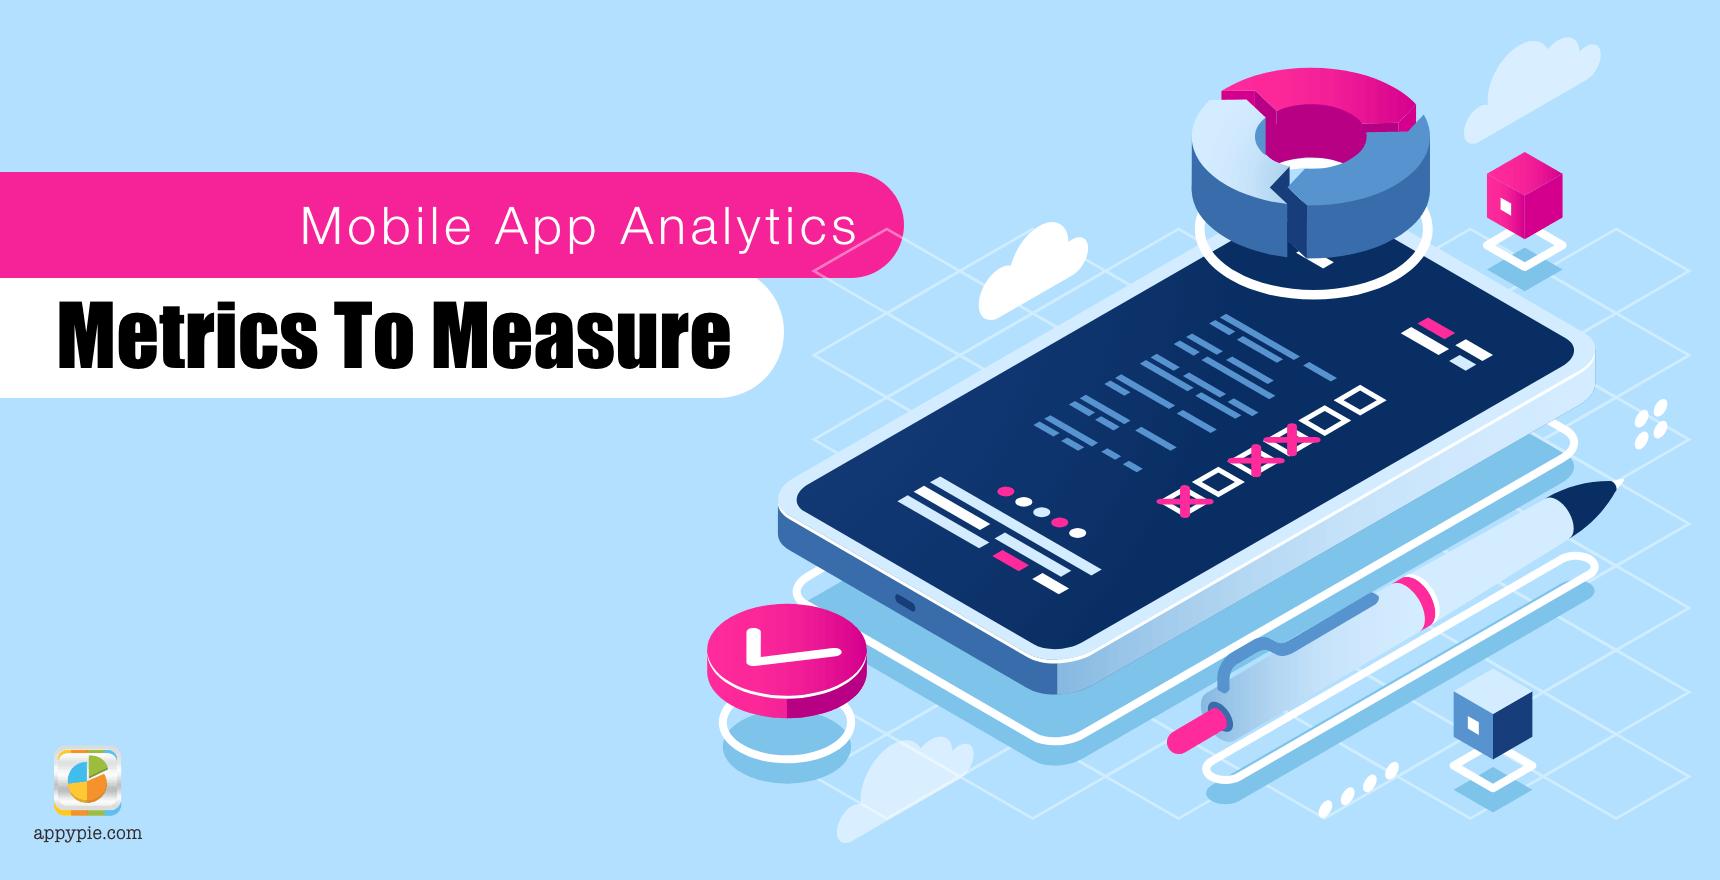 Mobile_App_Analytics_Metrics-to_Measure